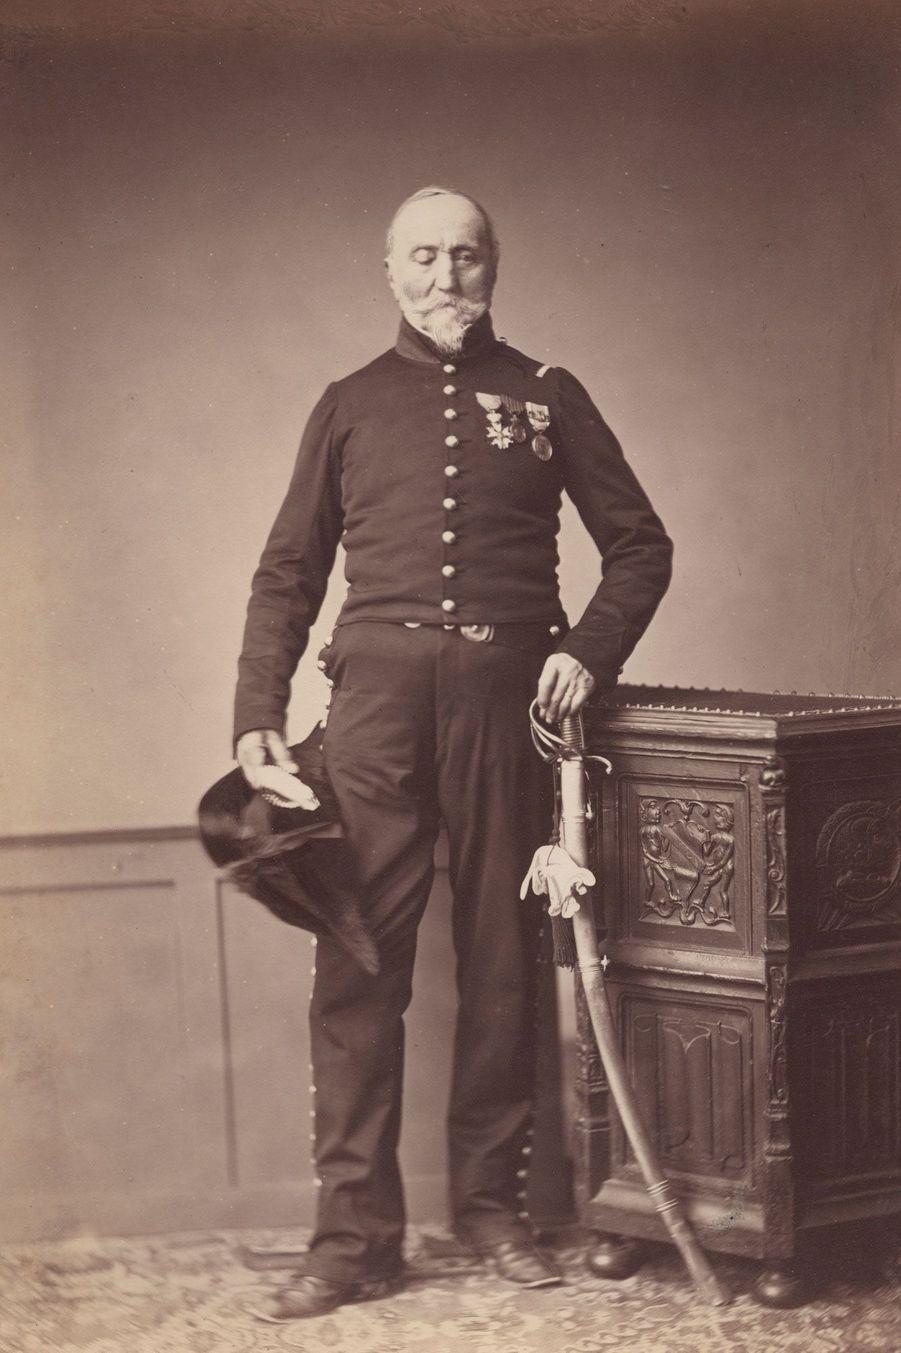 Le chasseur. Monsieur Loria appartenait au 24e régiment de chasseurs à cheval. Il a perdu son oeil droit pendant la bataille.